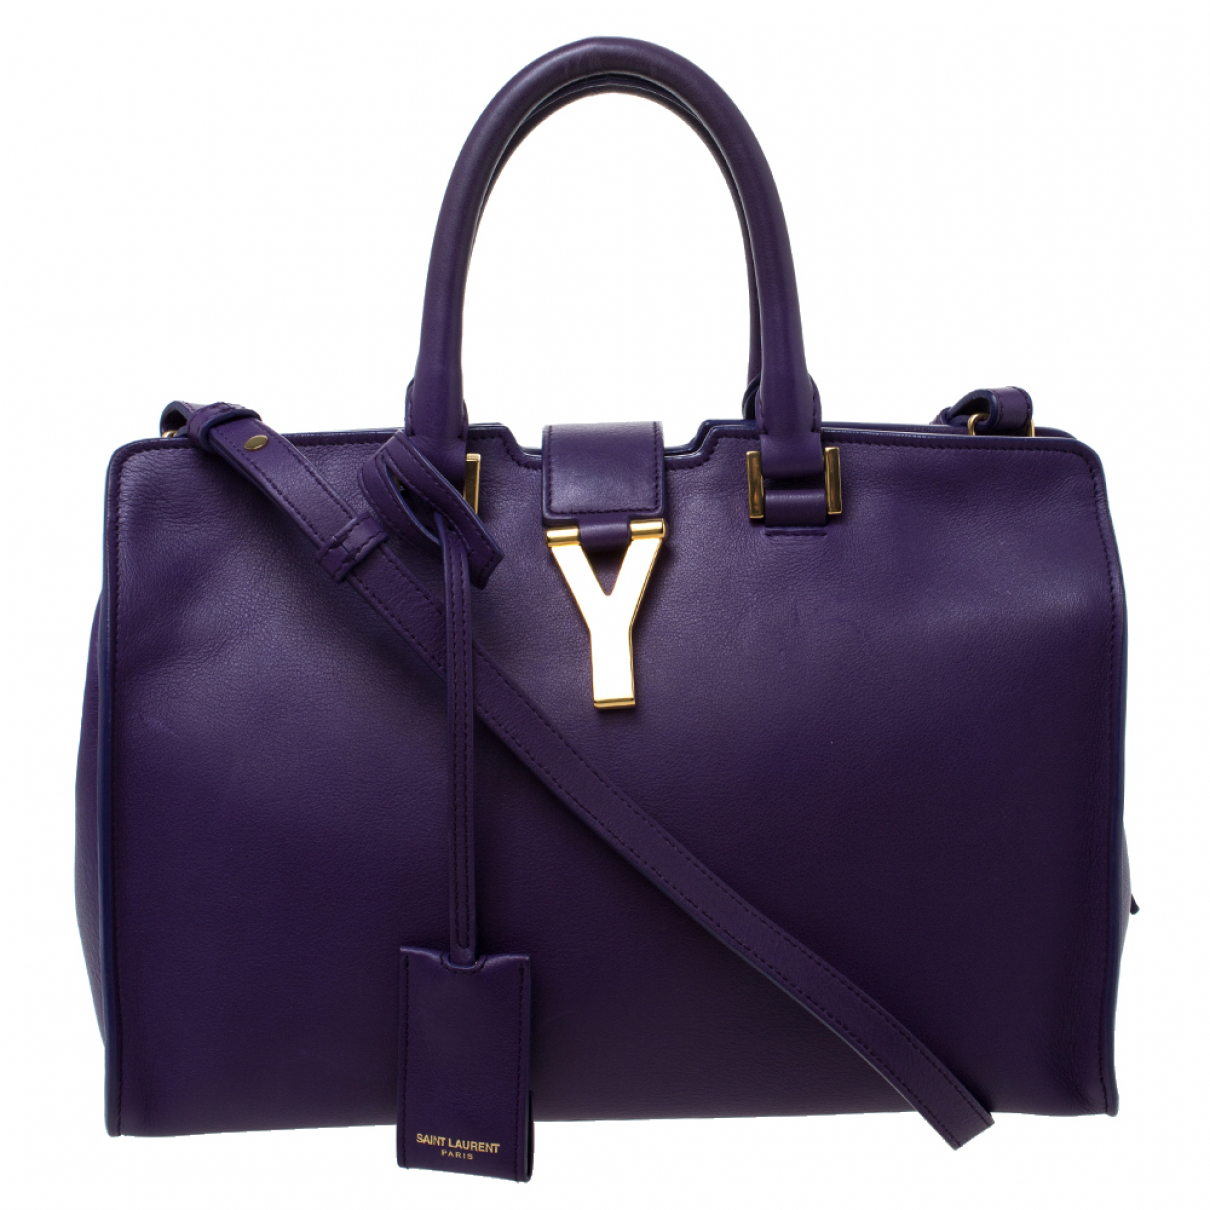 Saint Laurent - Sac a main   pour femme en cuir - violet